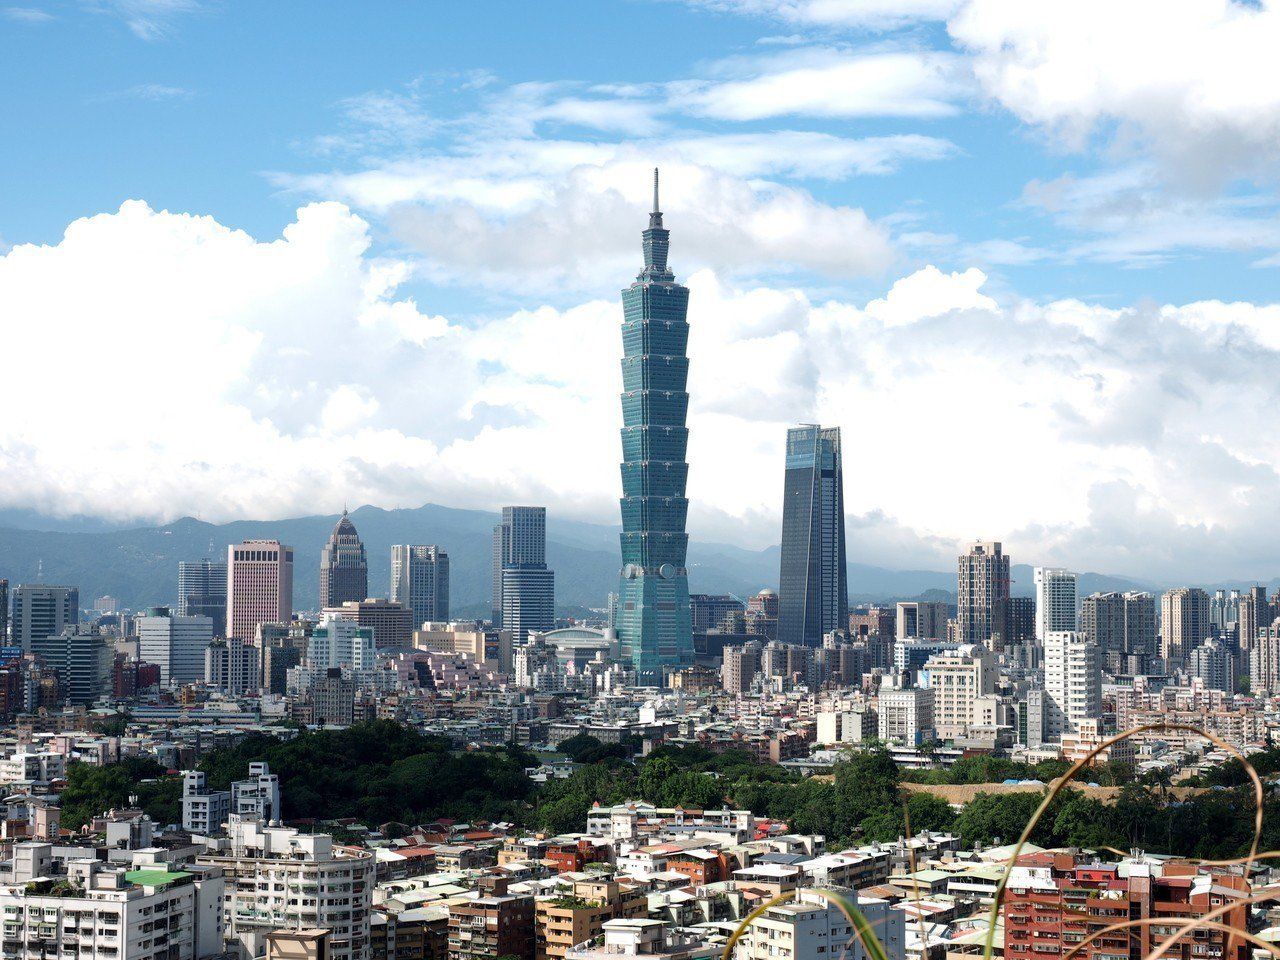 台北超級富豪人數居全球城市第八,但多數富豪低調不喜炫富。歐新社